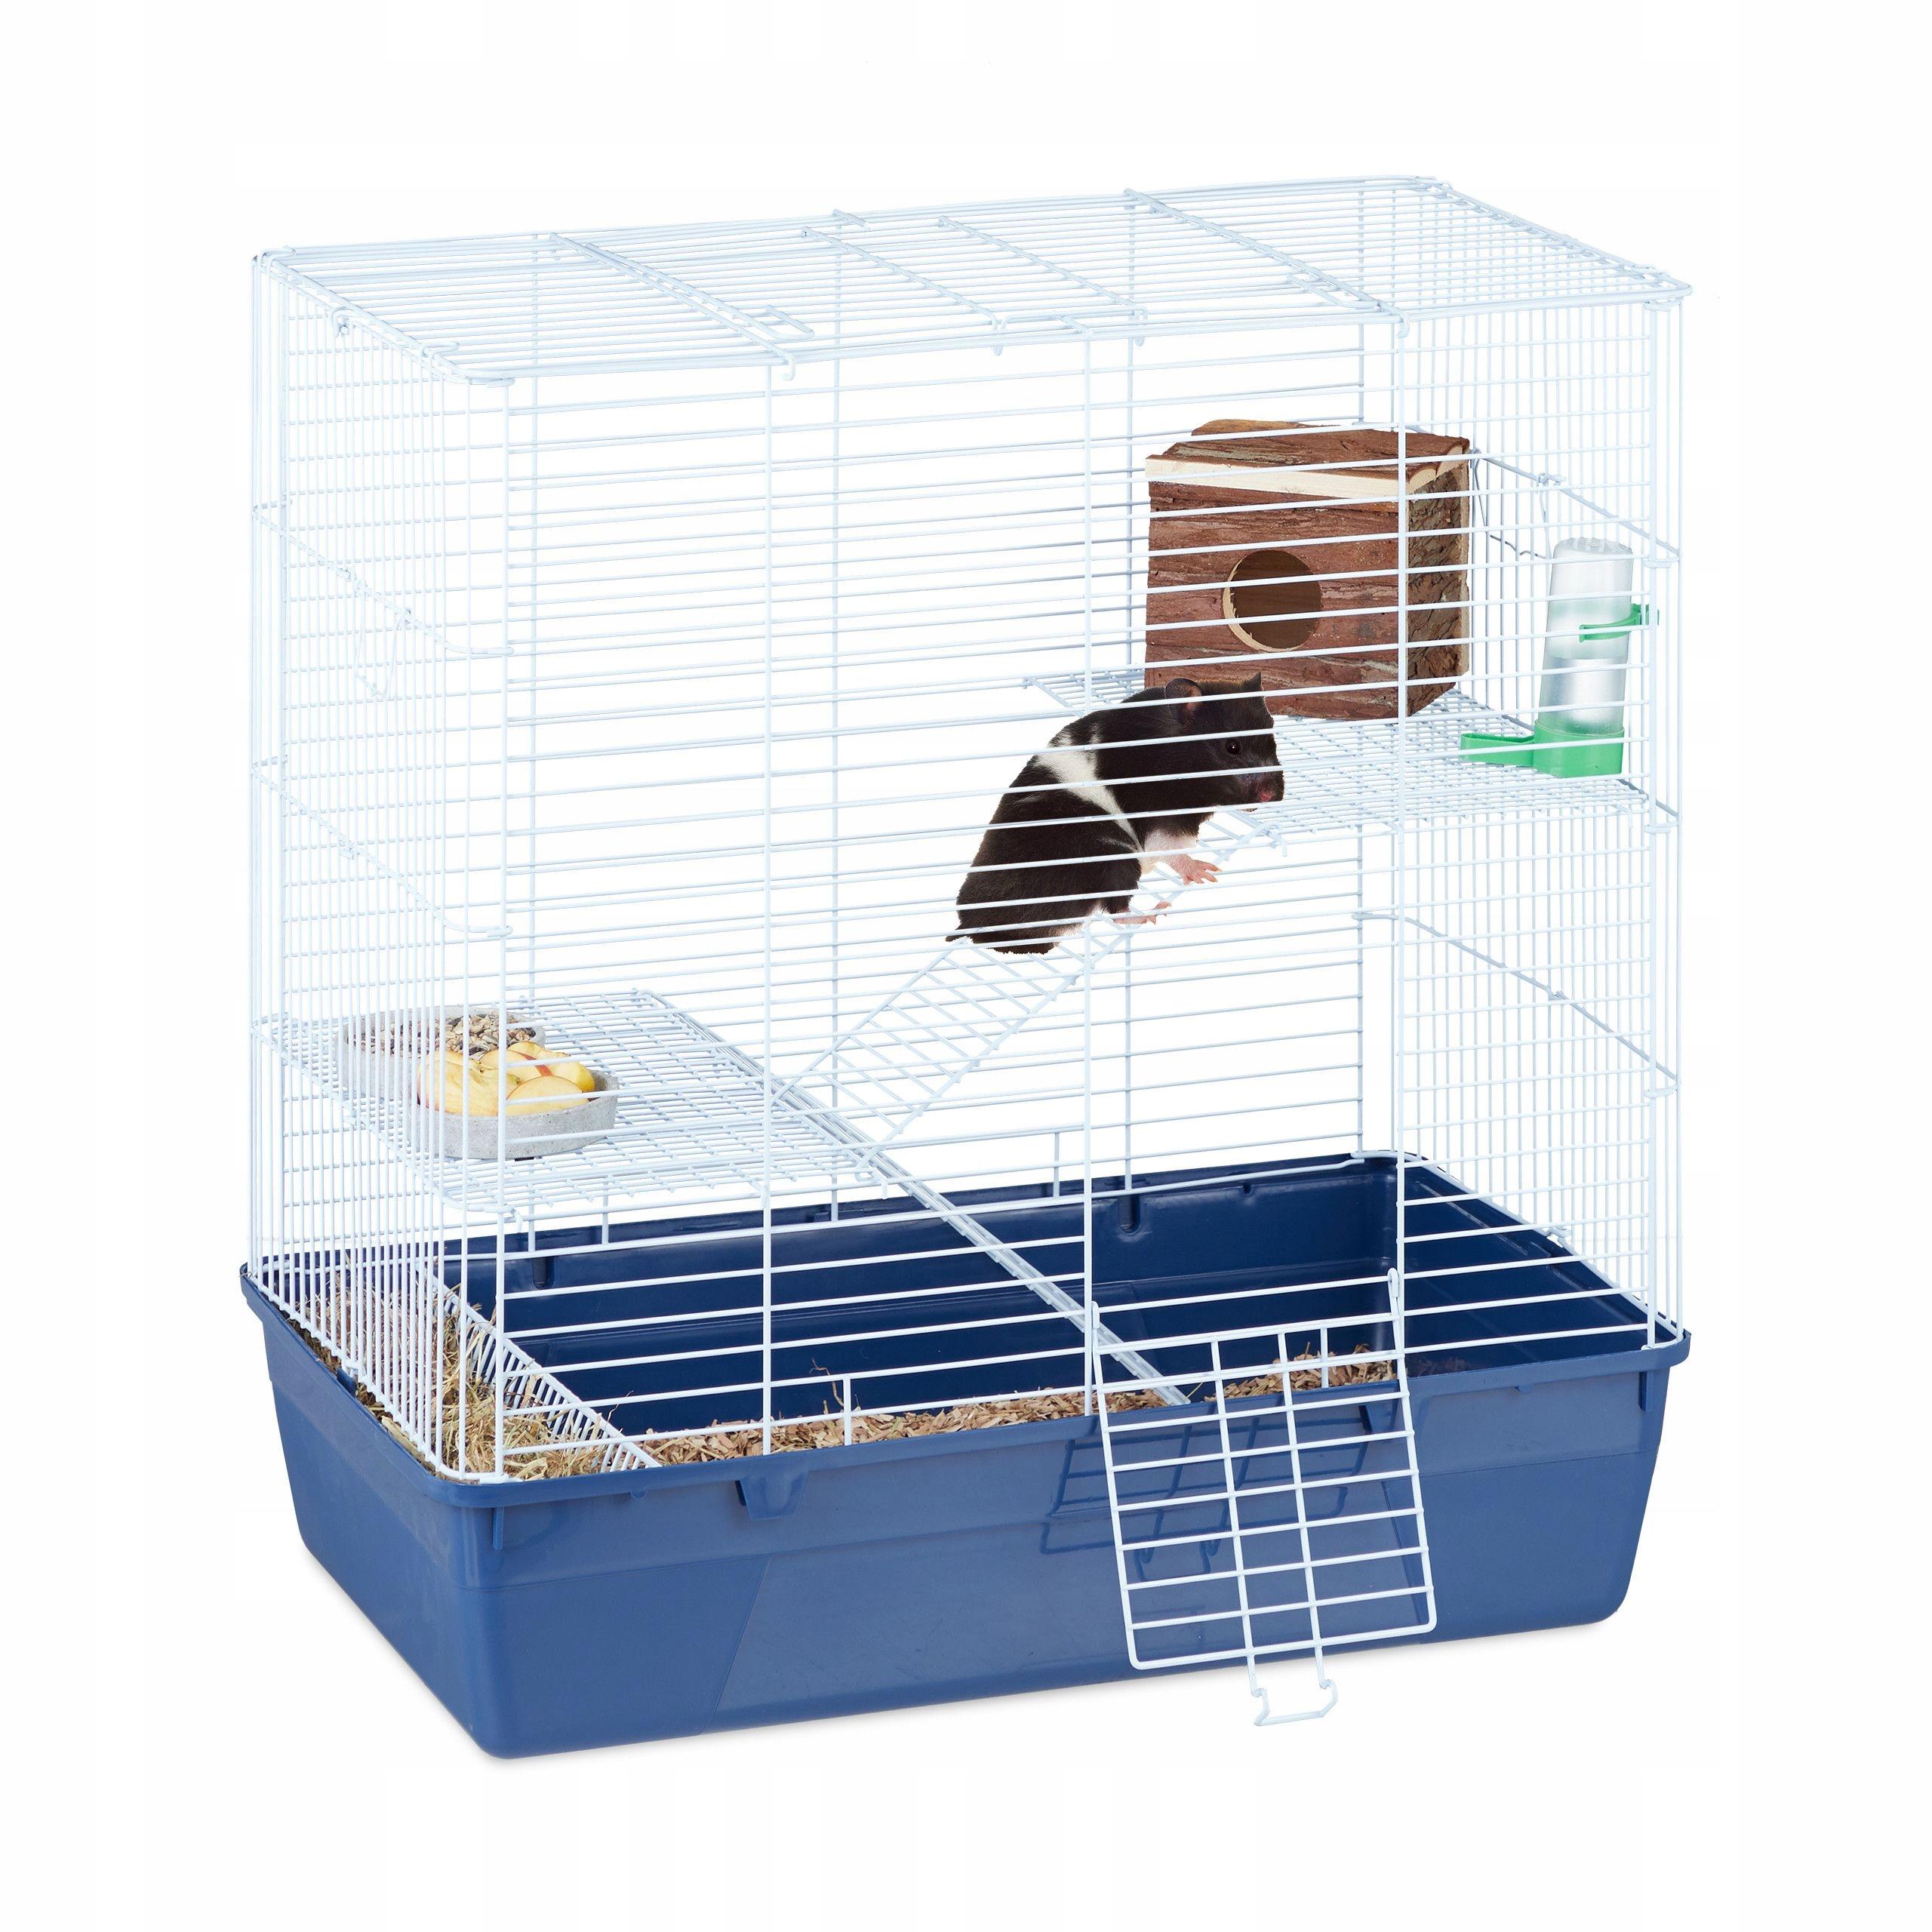 DUŻA Klatka Dla CHOMIKA Gryzonia Myszki DRABINKI